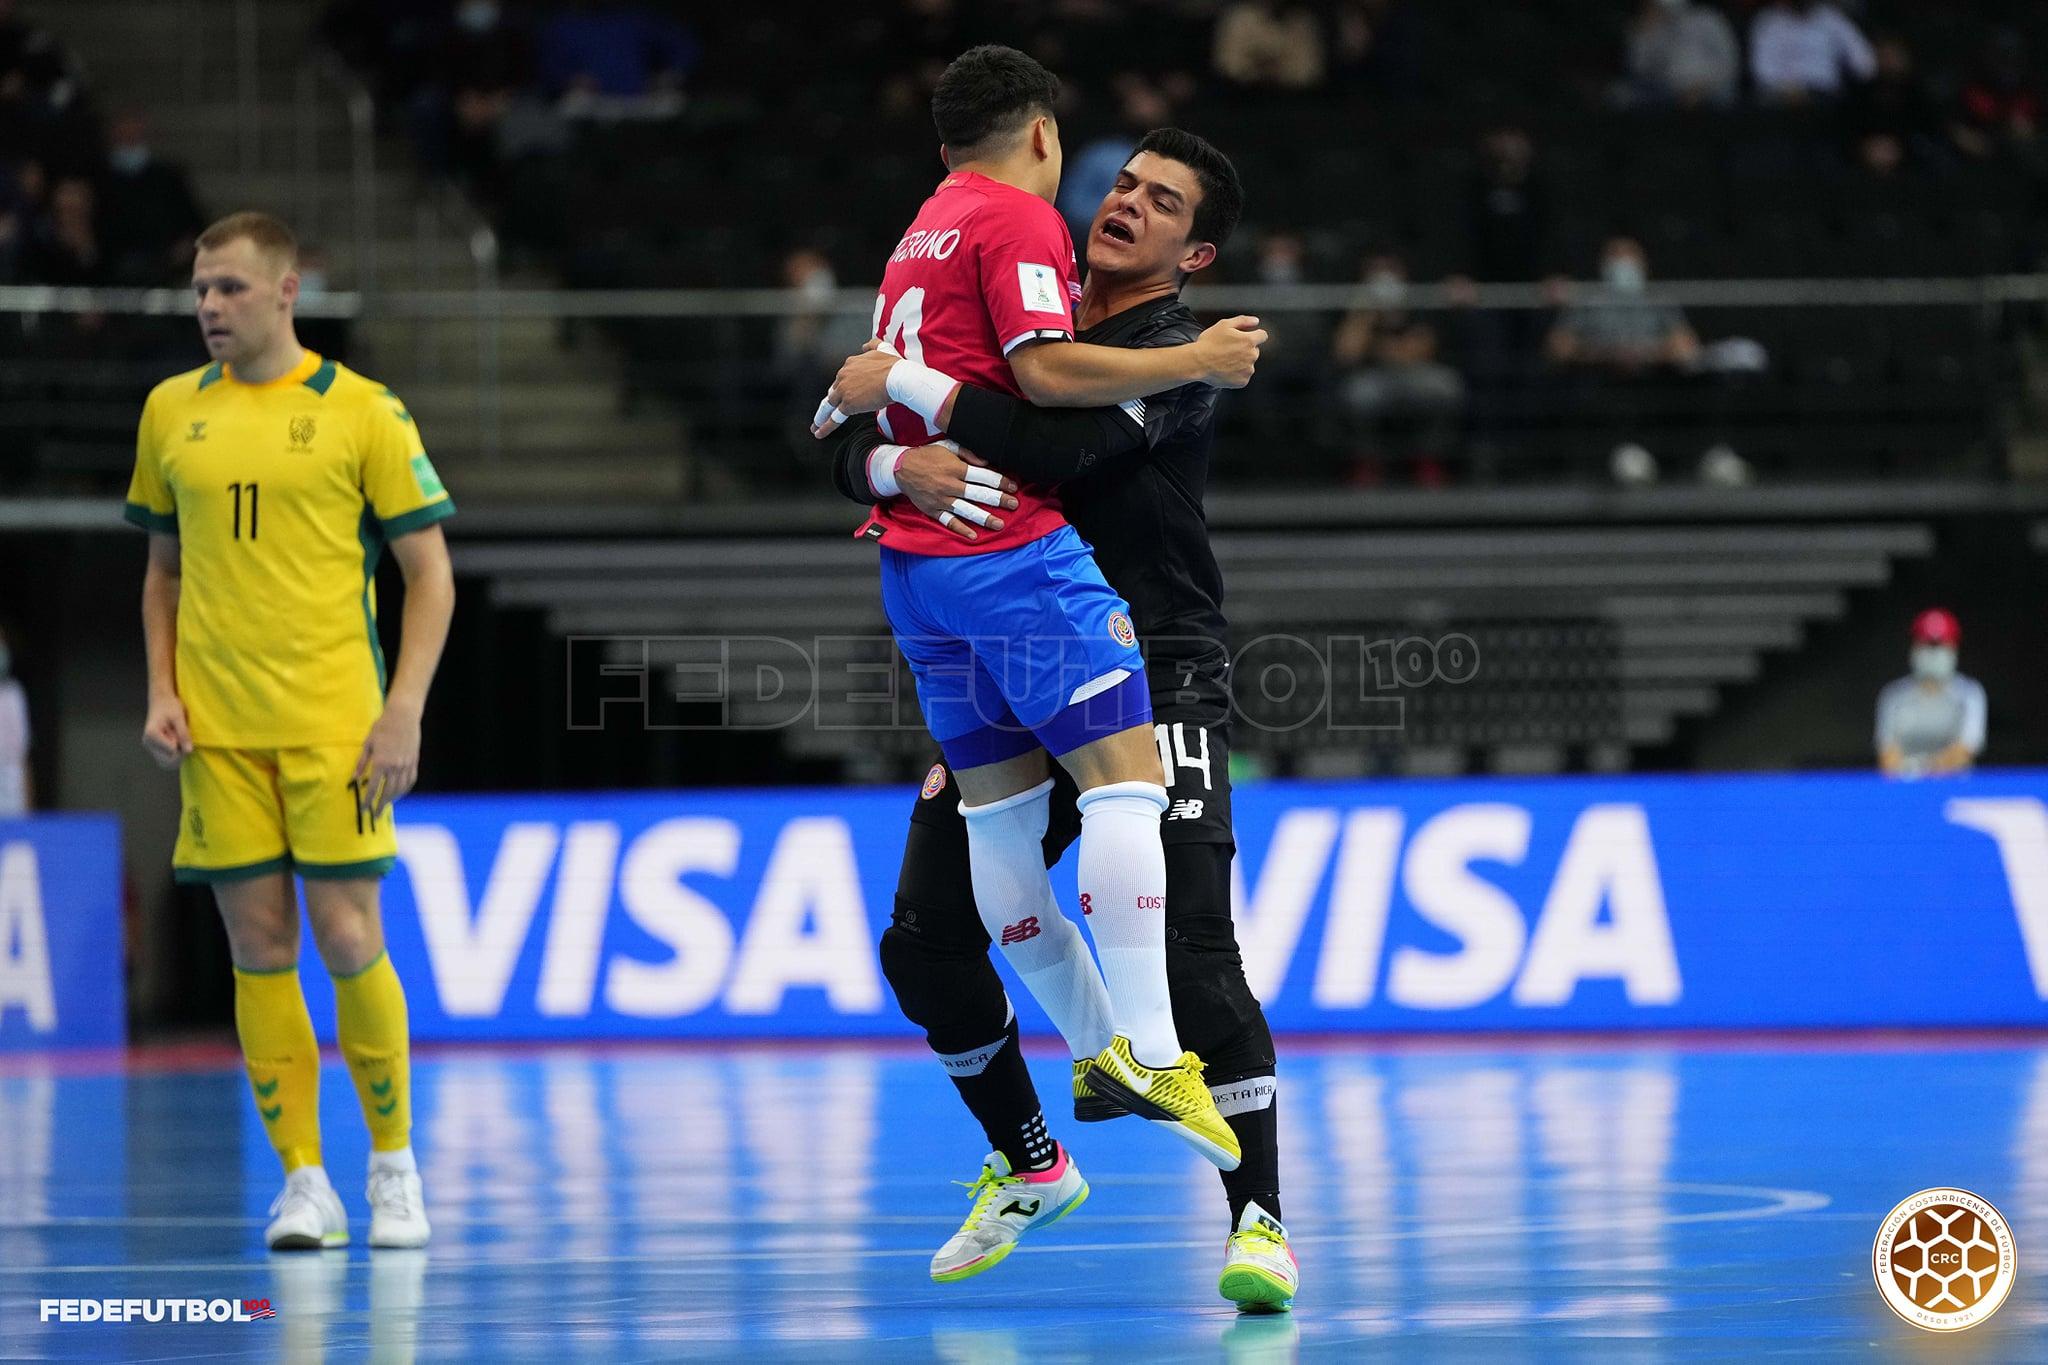 Selección de Fútsal sacó la garra y el talento para vencer a Lituania en el Mundial